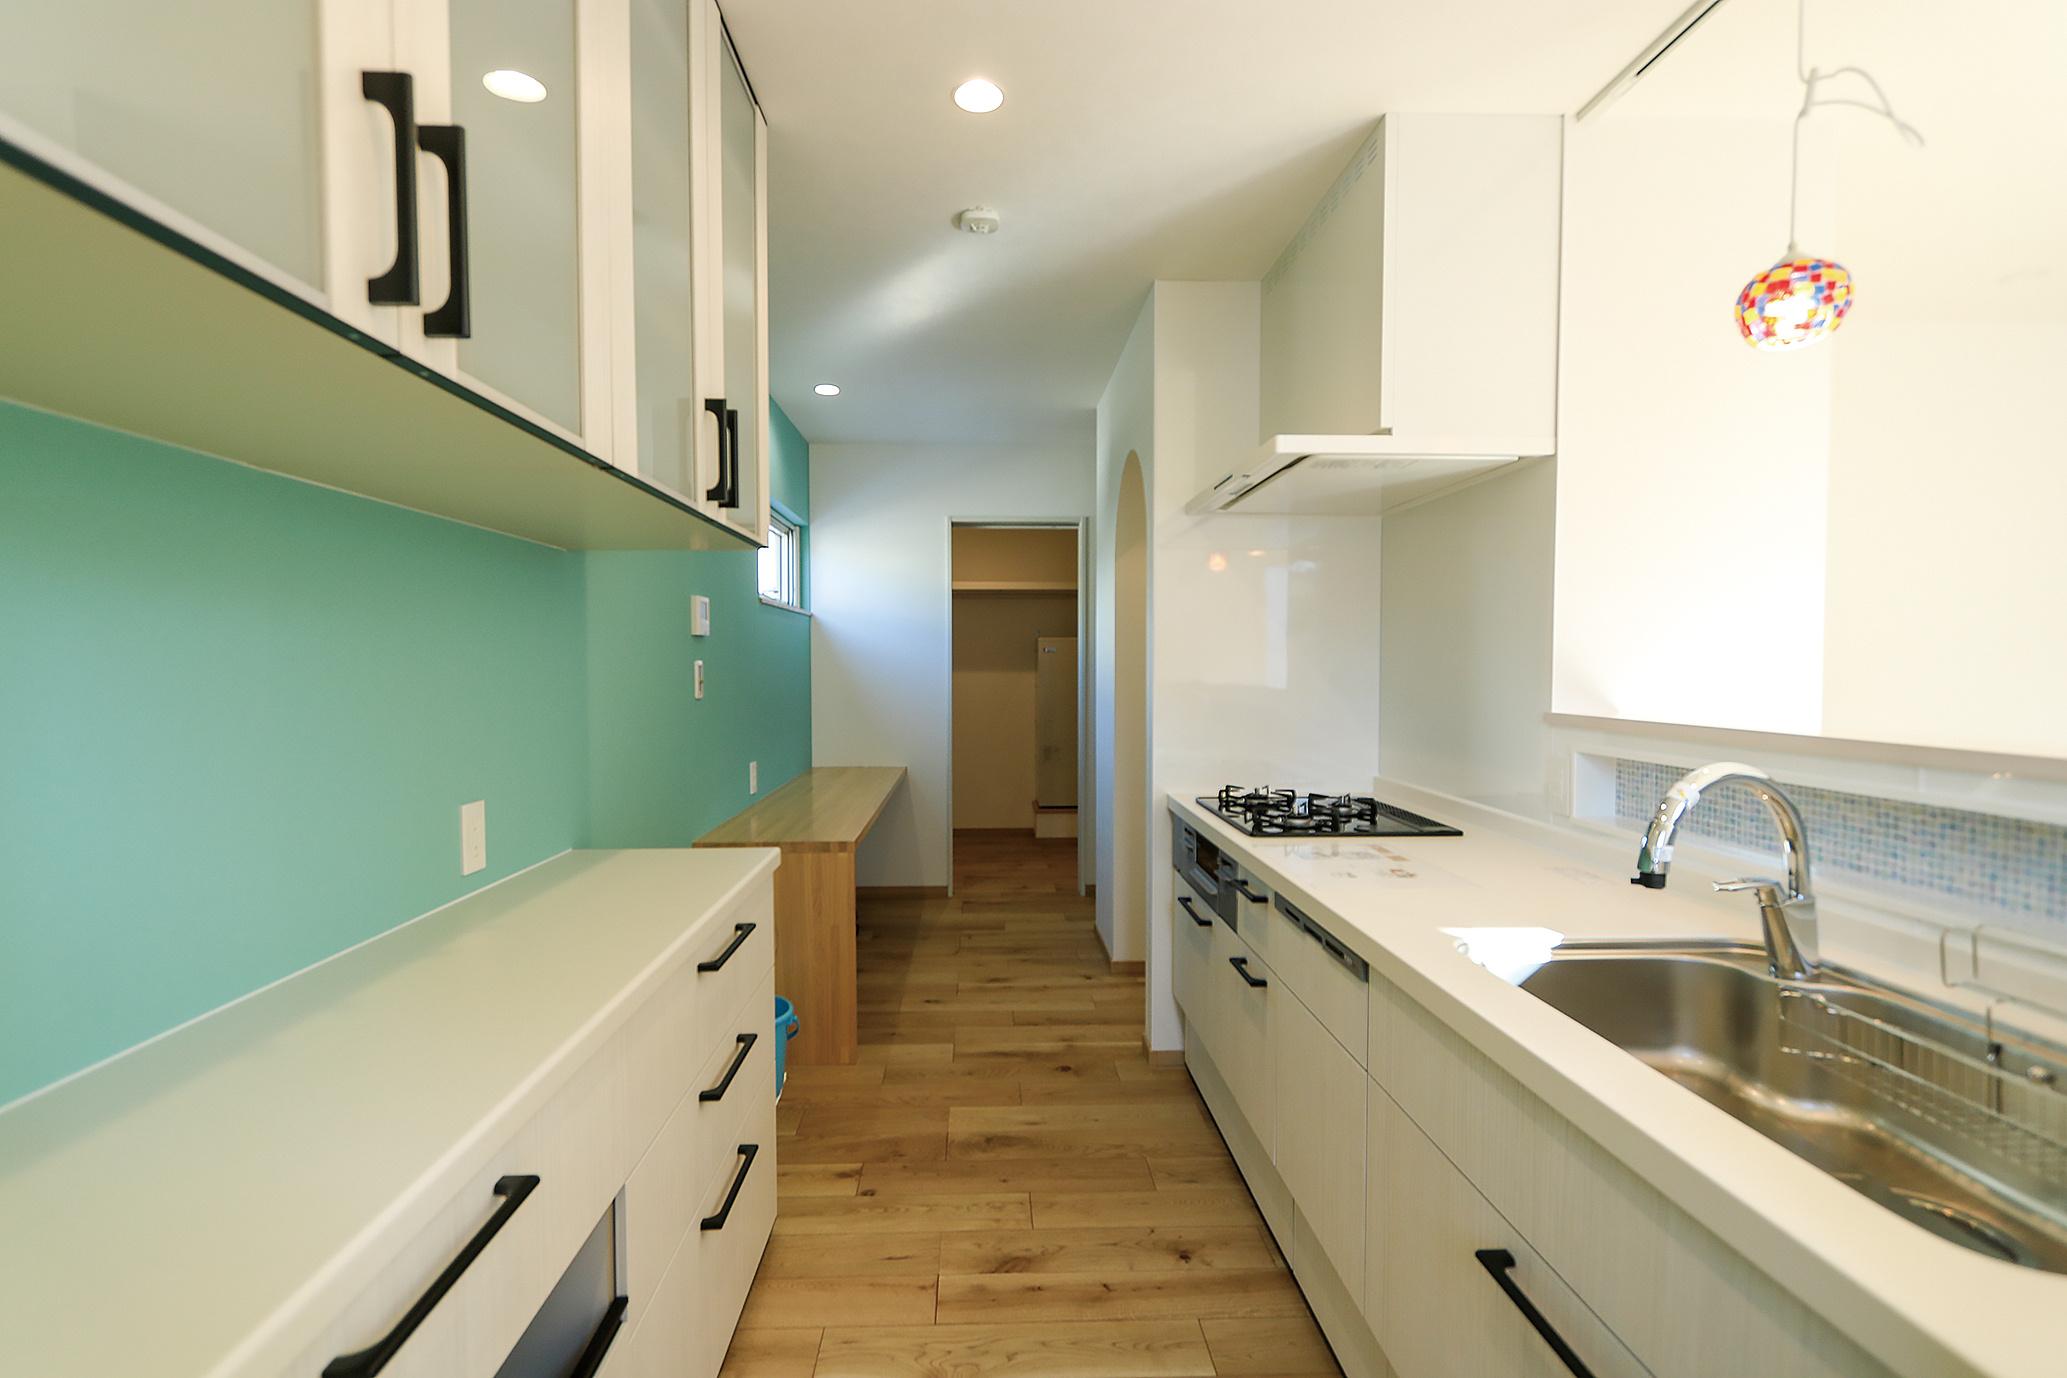 快適な家事動線が魅力。左手奥に家事カウンターがあり、その向かいがパントリー。一番奥はファミリークローゼット